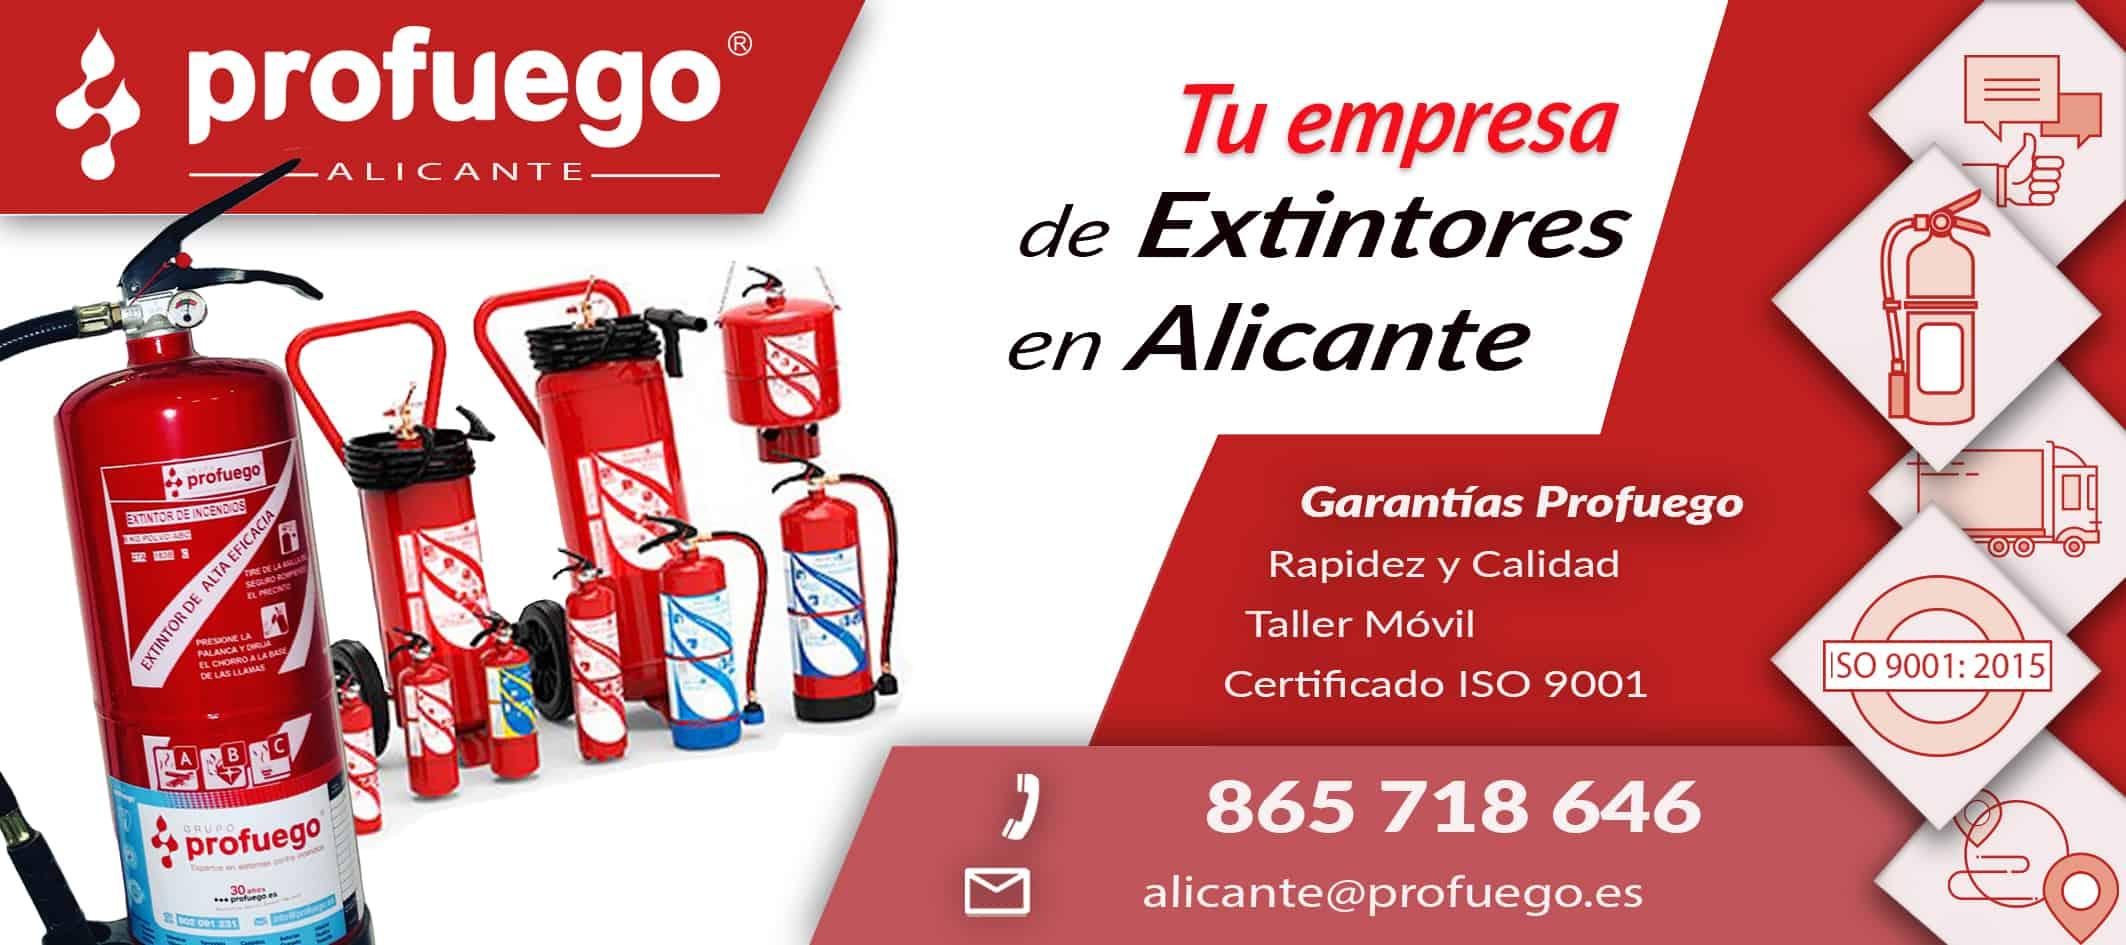 extintores alicante